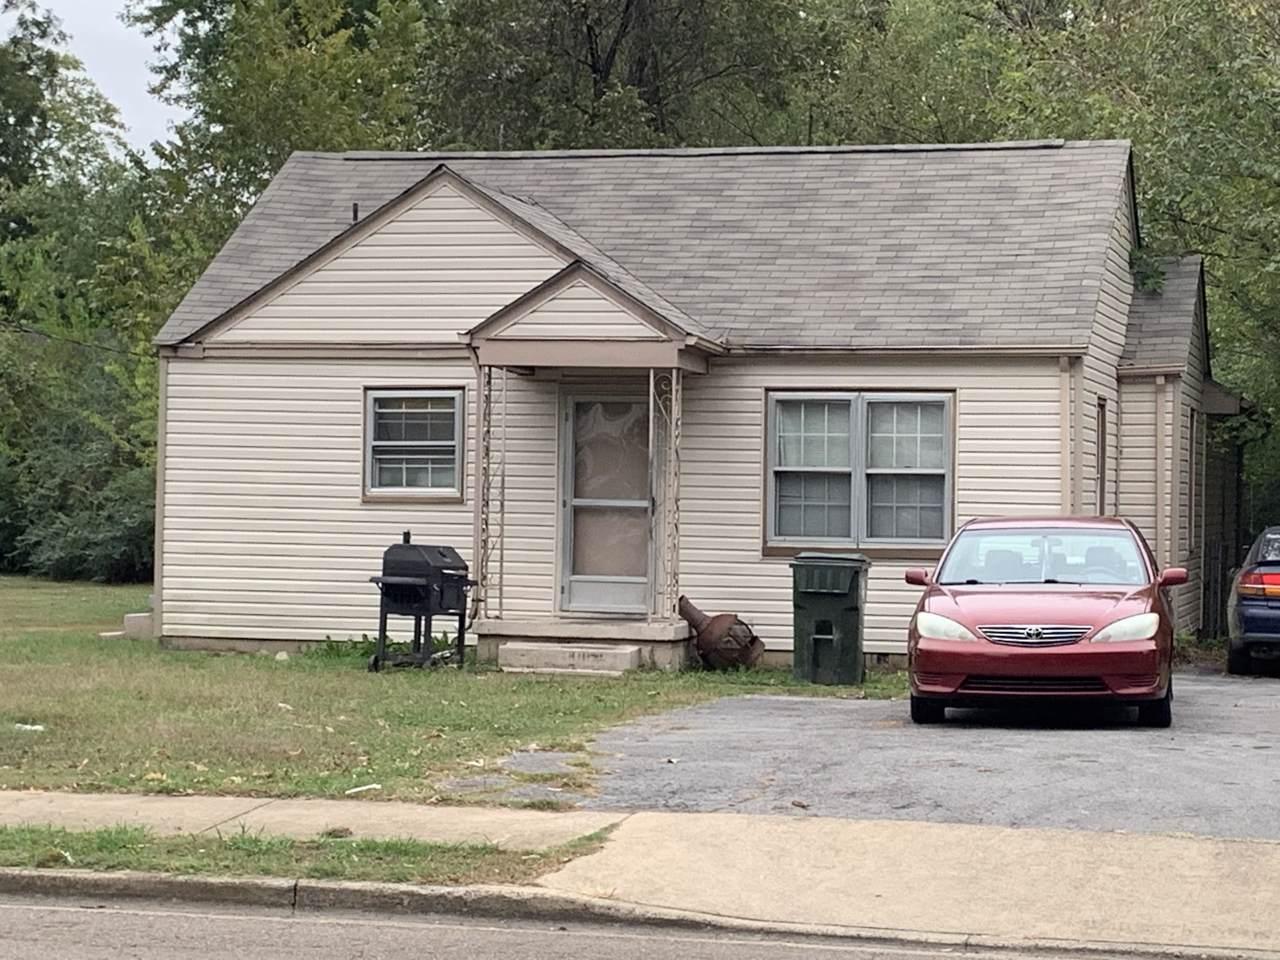 702 N Moore Rd - Photo 1